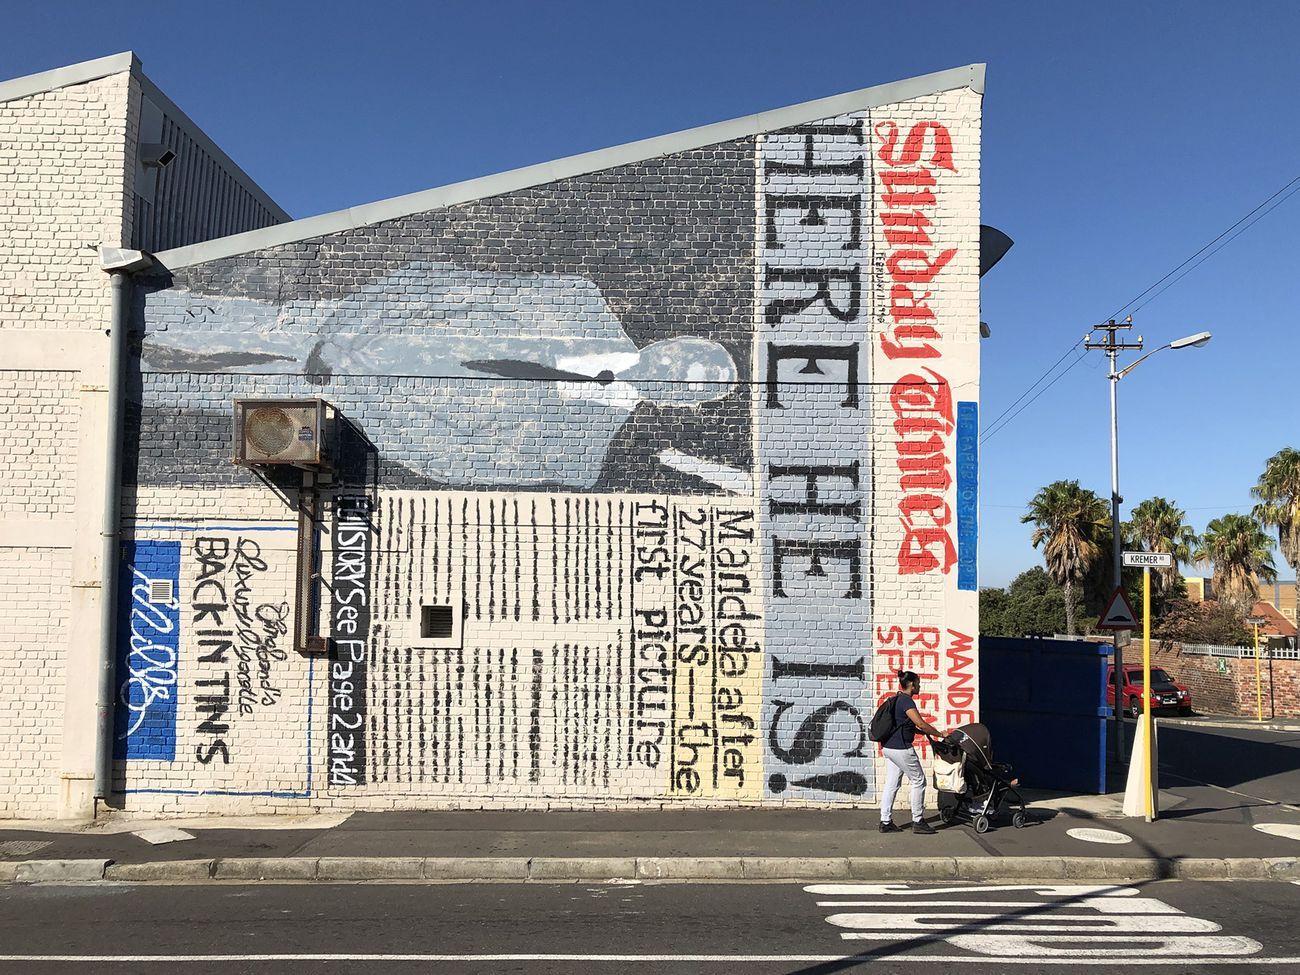 Flavio Favelli, Here he is!, 2020, acrilico su muro, cm 770x920. Kremer Road, Salt River, Cape Town